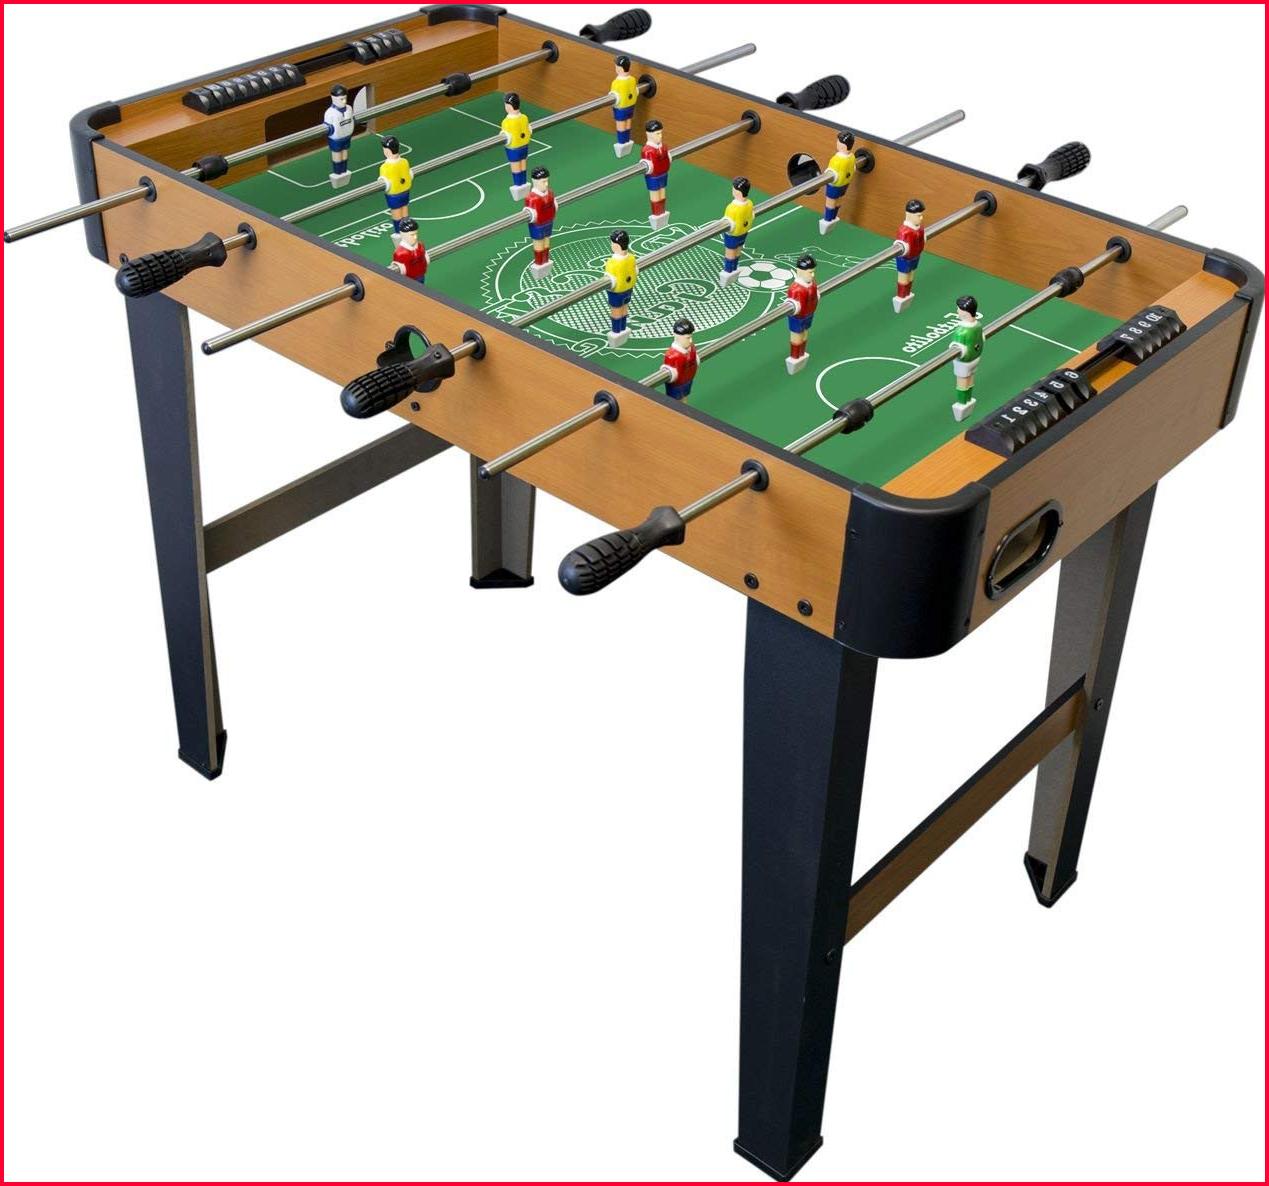 Muebles De Baño Amazon Thdr Mesa Futbolito Mesa Futbolito Deportes Y Aire Libre